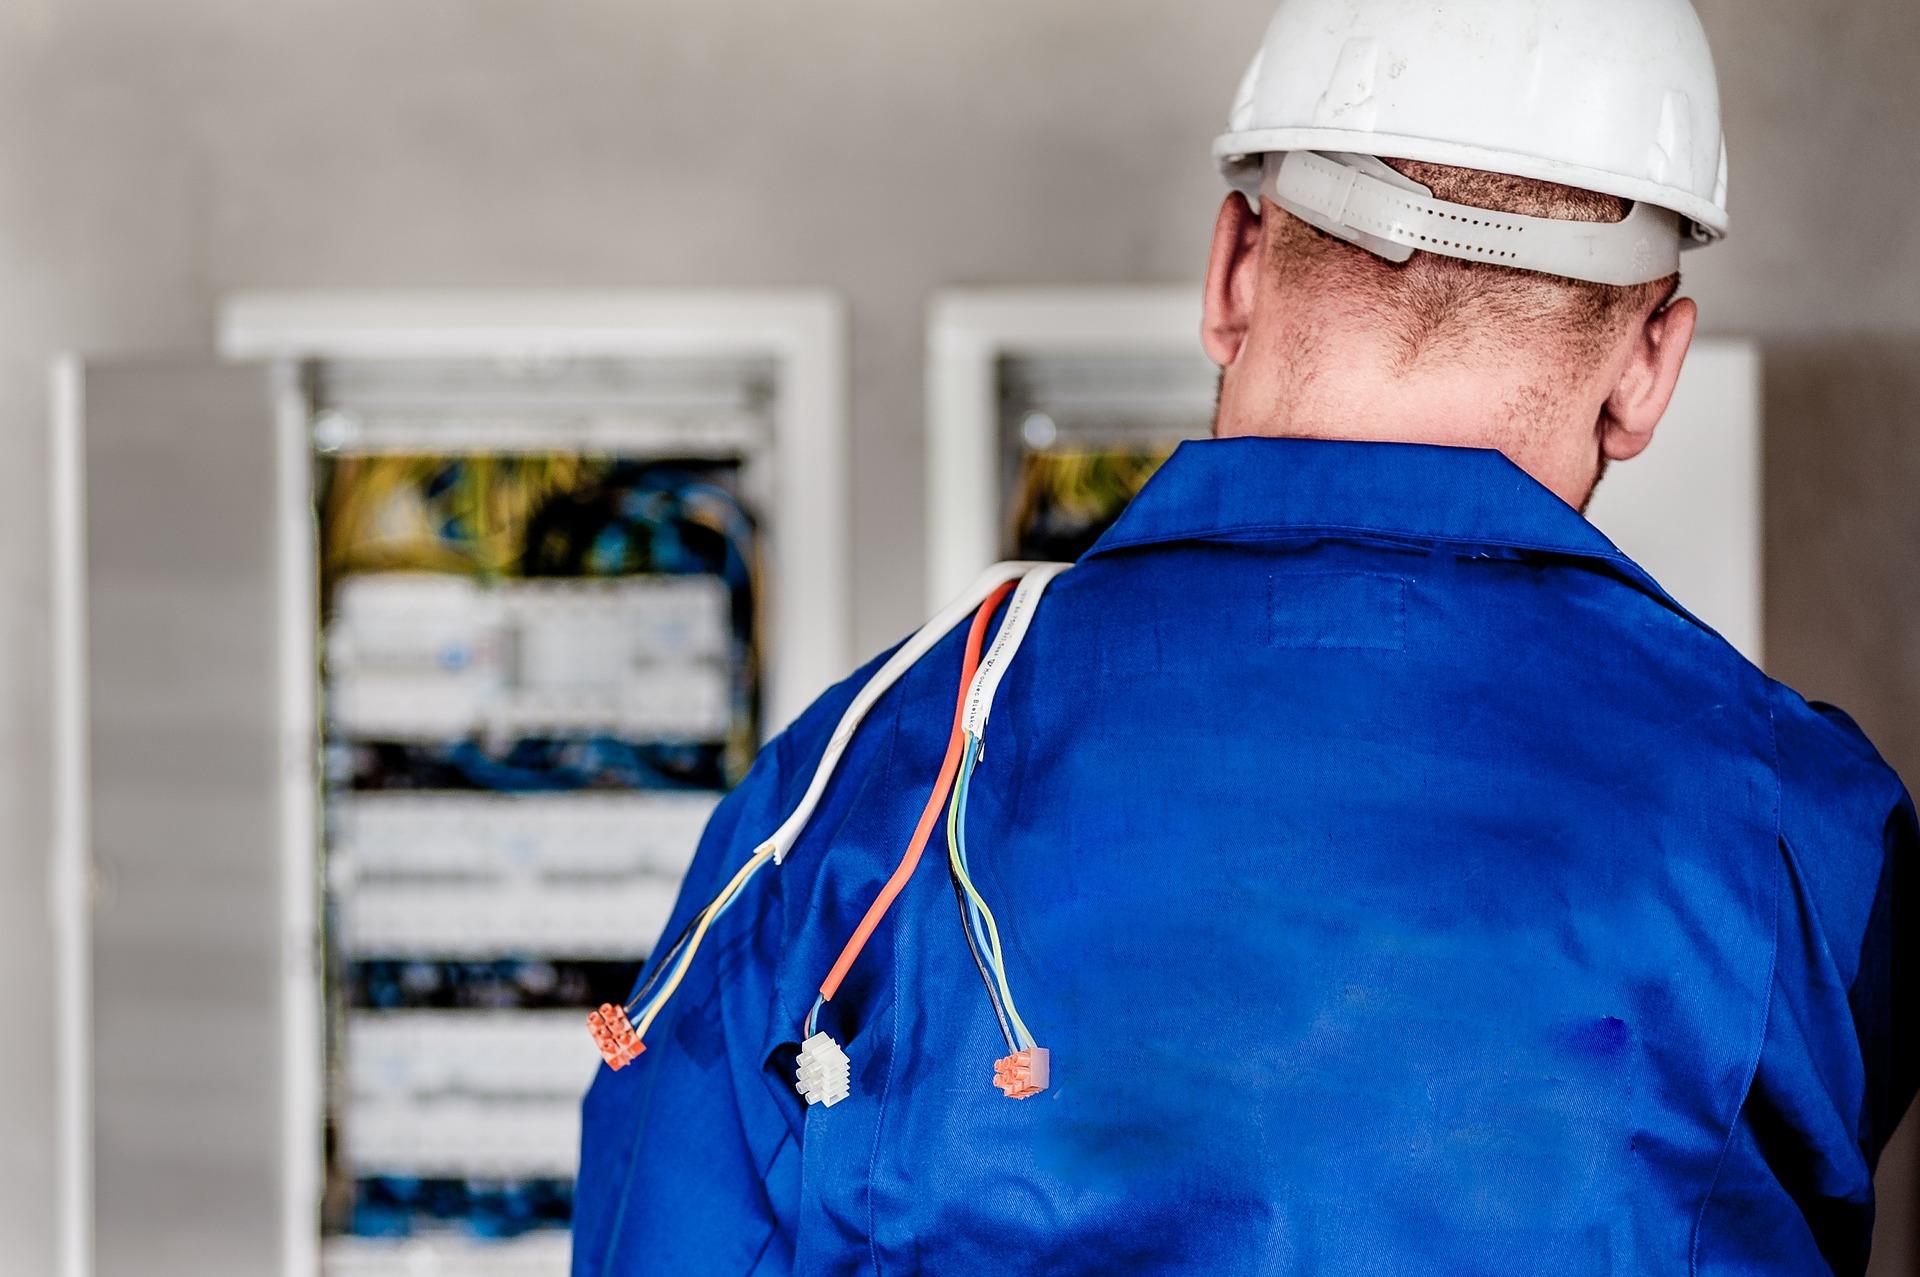 Electrical Repairs and Maintenance Fort Saskatchewan AB | Electrical Repairs and Maintenance Sherwood Park AB | Electrical Repairs and Maintenance St. Albert AB